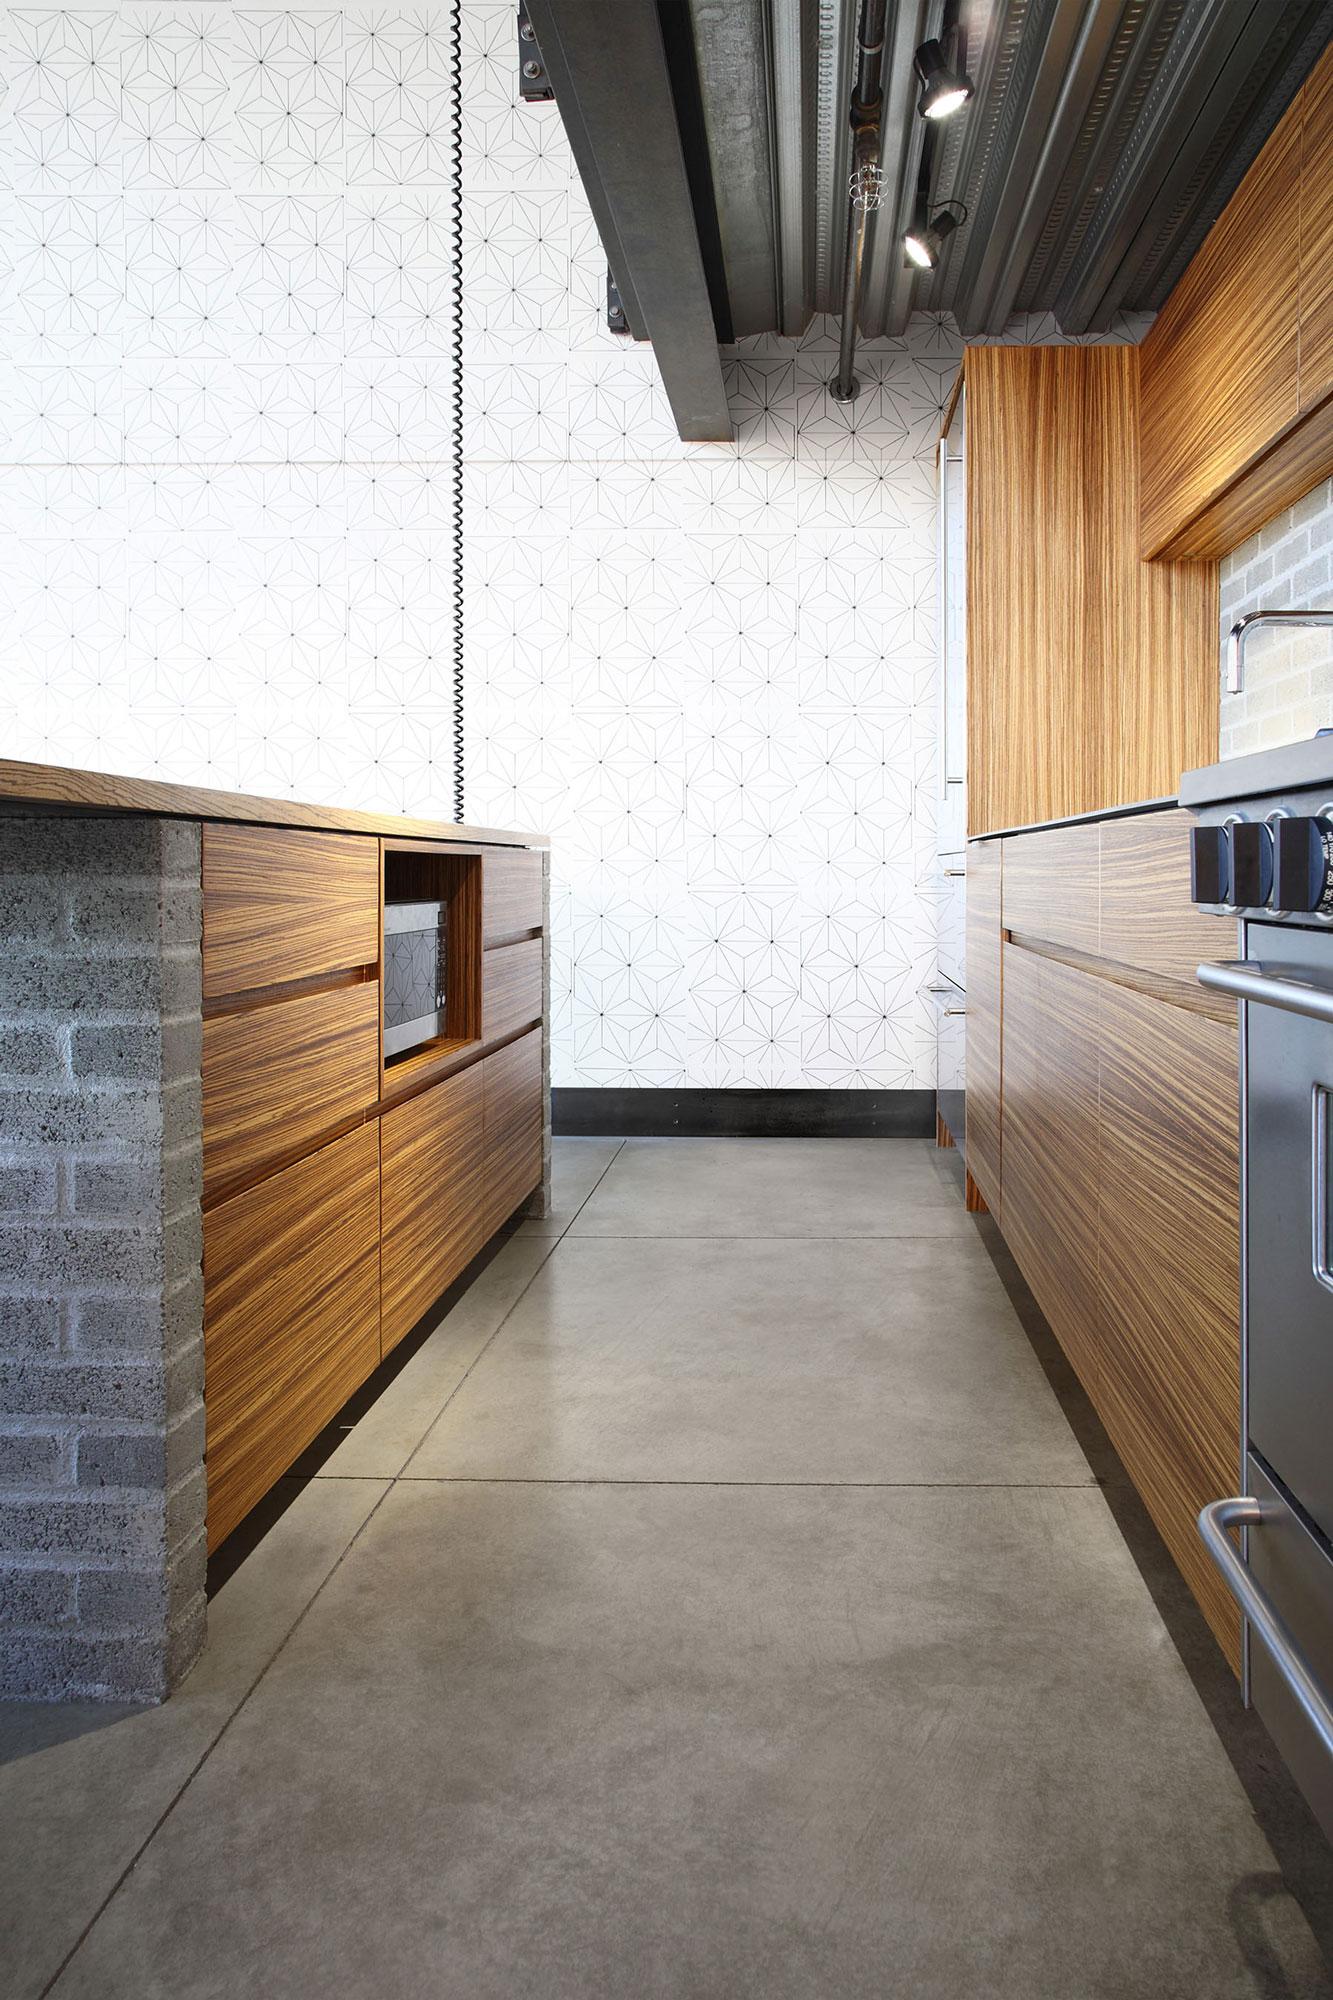 Wooden kitchen design